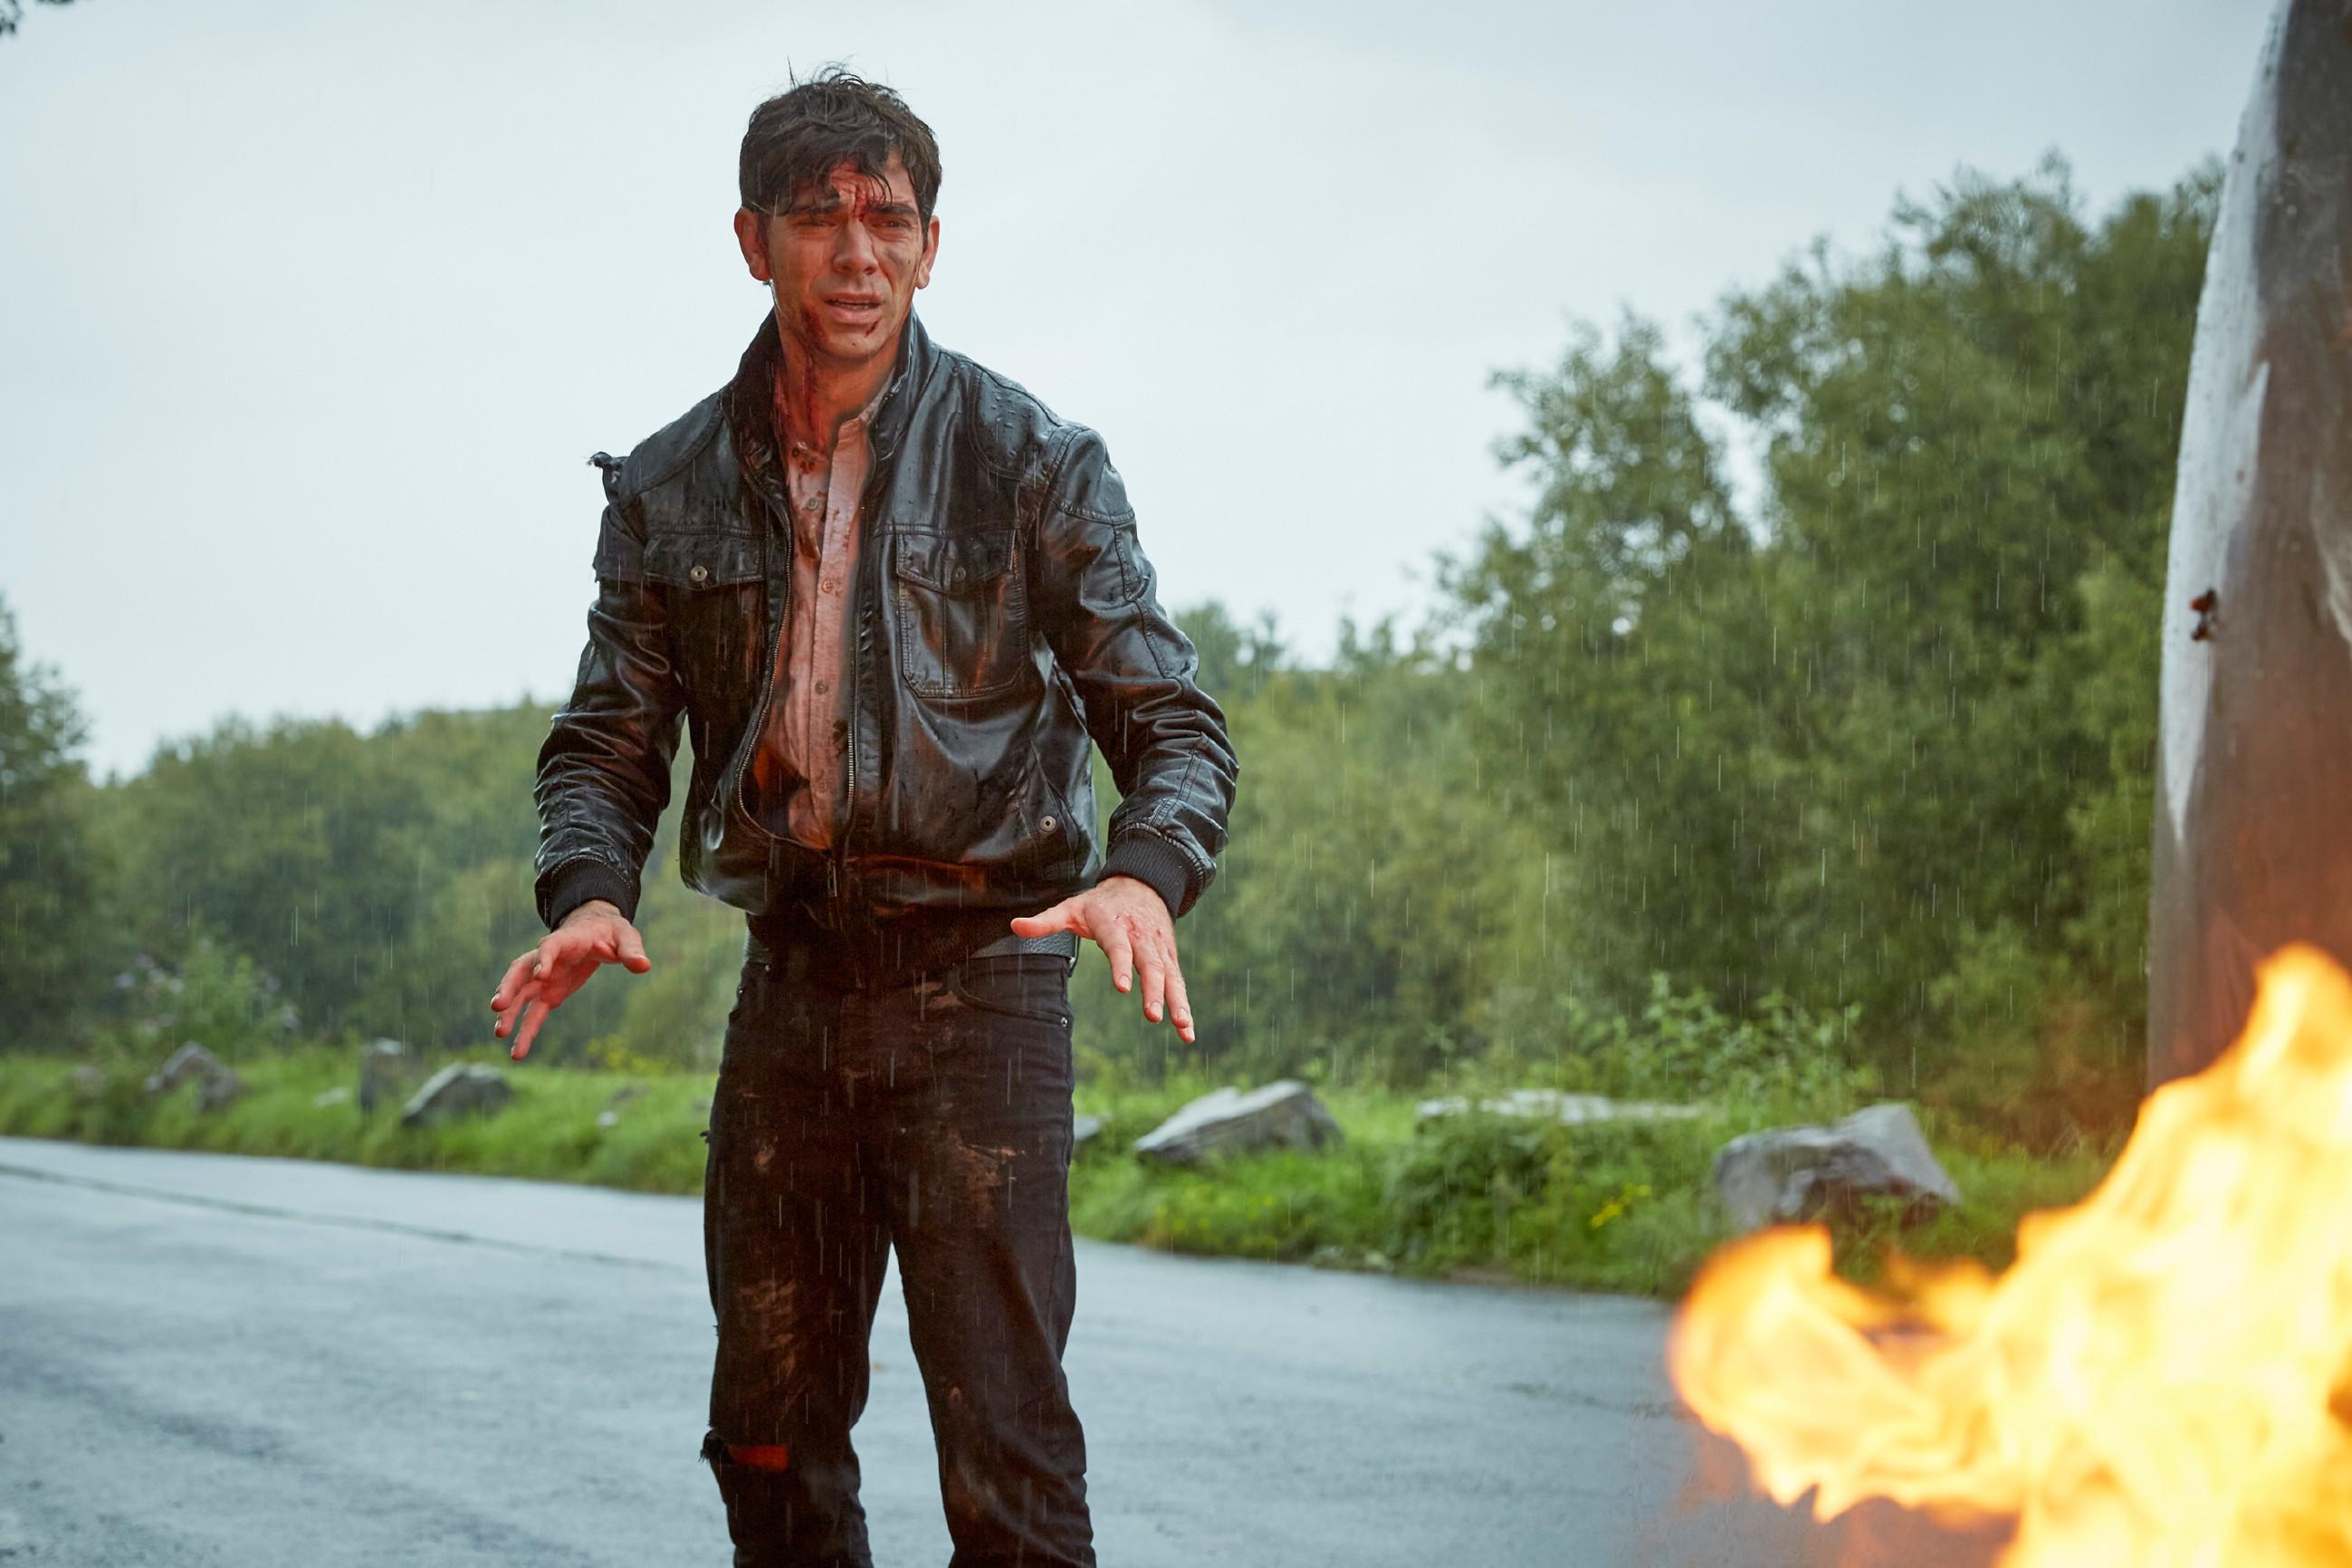 Rückblende: Veit (Carsten Claemens) wird von seinen Erinnerungen heimgesucht und durchlebt erneut den schweren Unfall, bei dem er seine Freundin Emma nicht aus dem brennenden Wagen retten konnte... (Quelle: RTL / Kai Schulz)